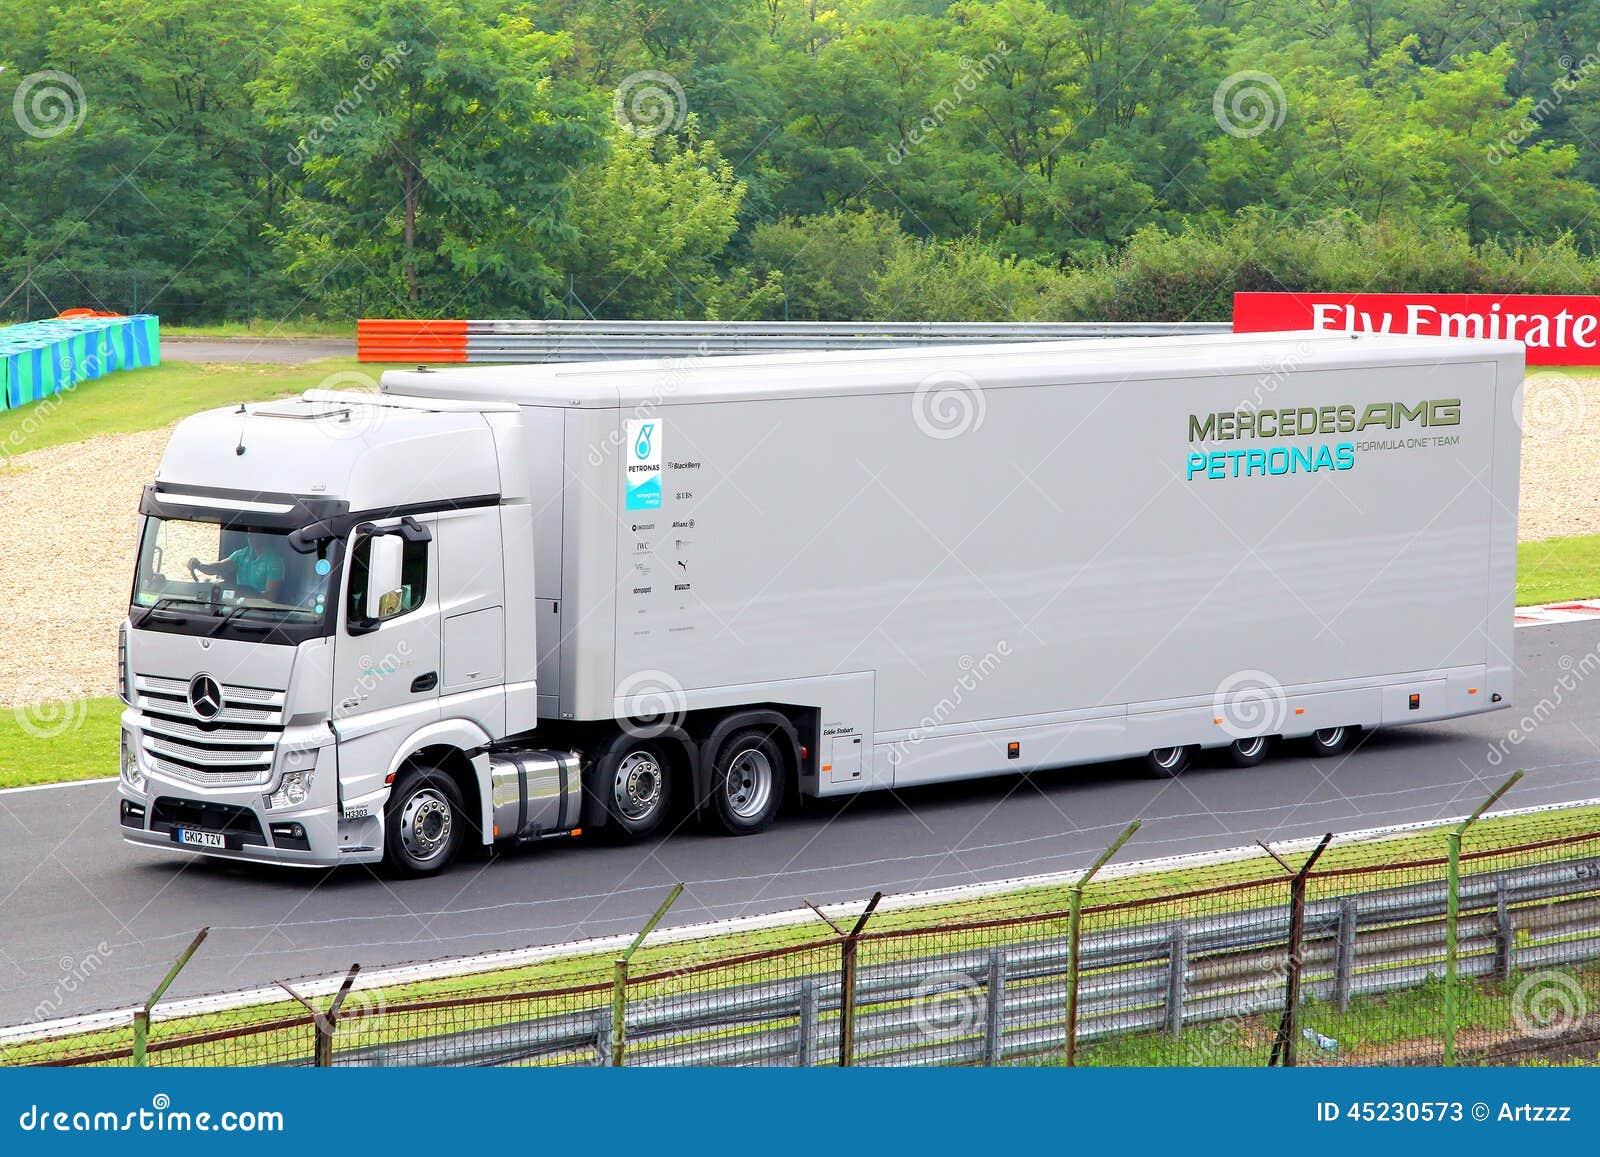 Mercedes Benz Actros Editorial Stock Photo Image 45230573